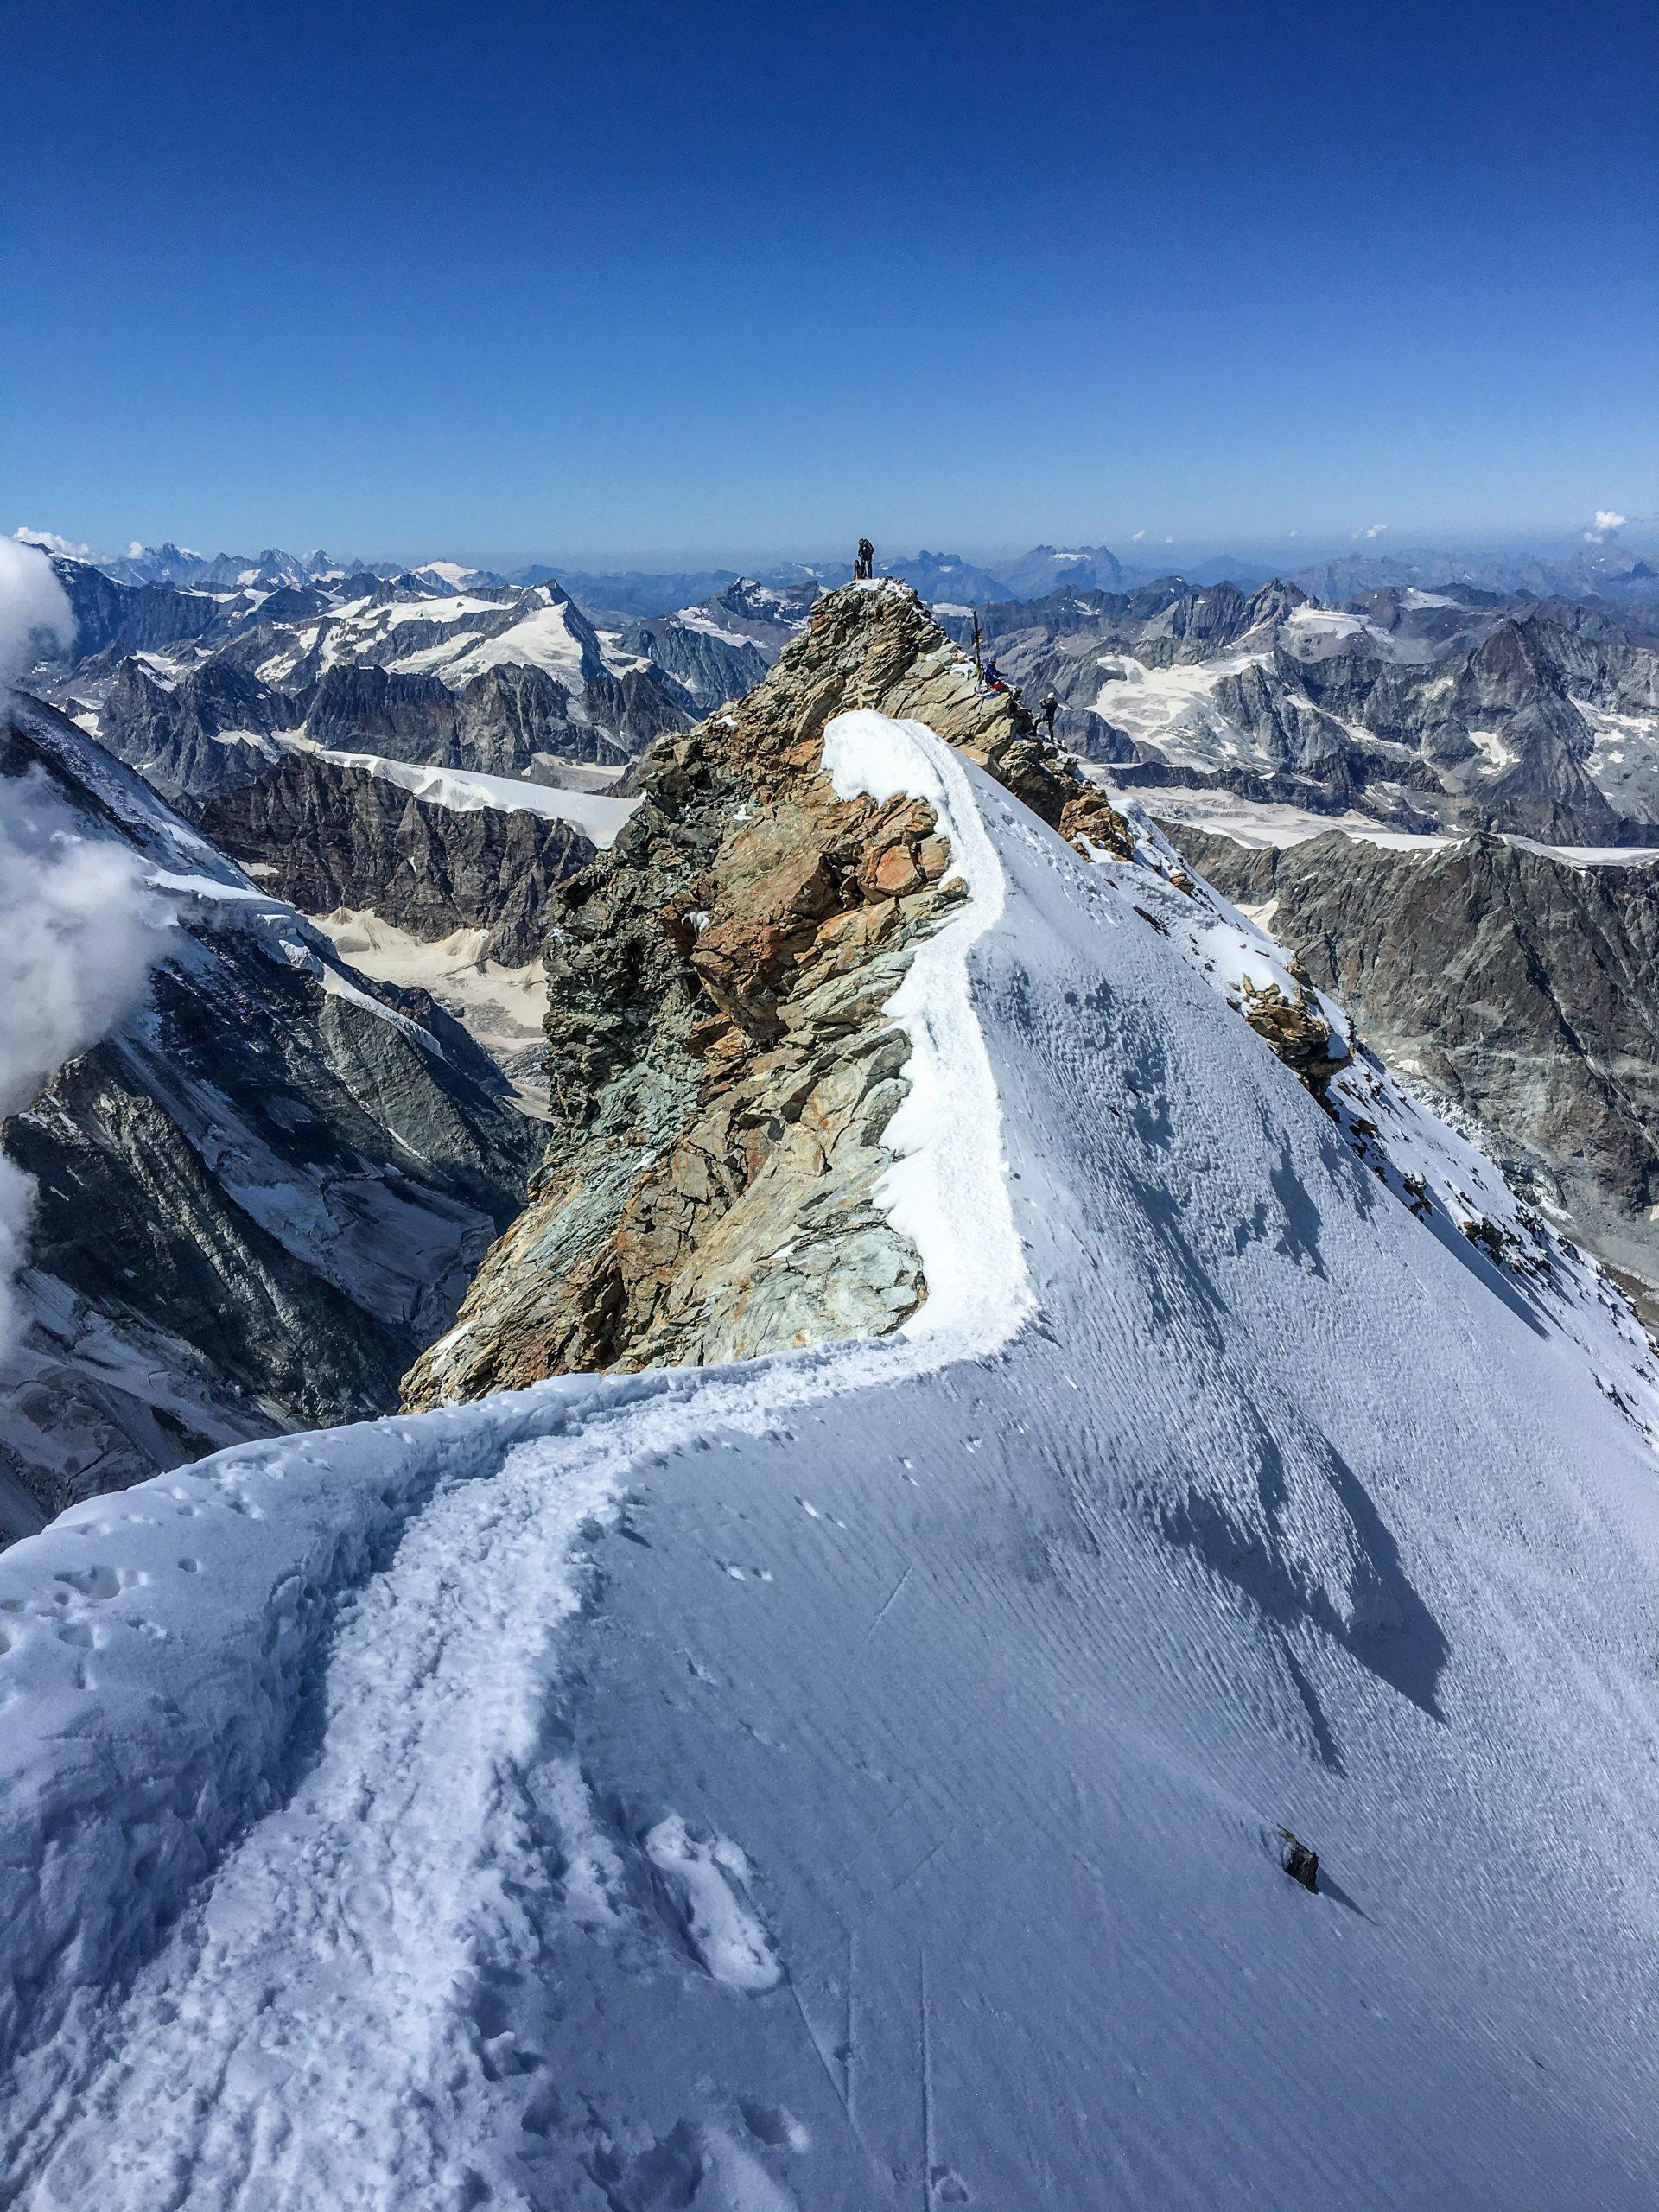 La cresta che collega la cima svizzera del Cervino alla cima italiana